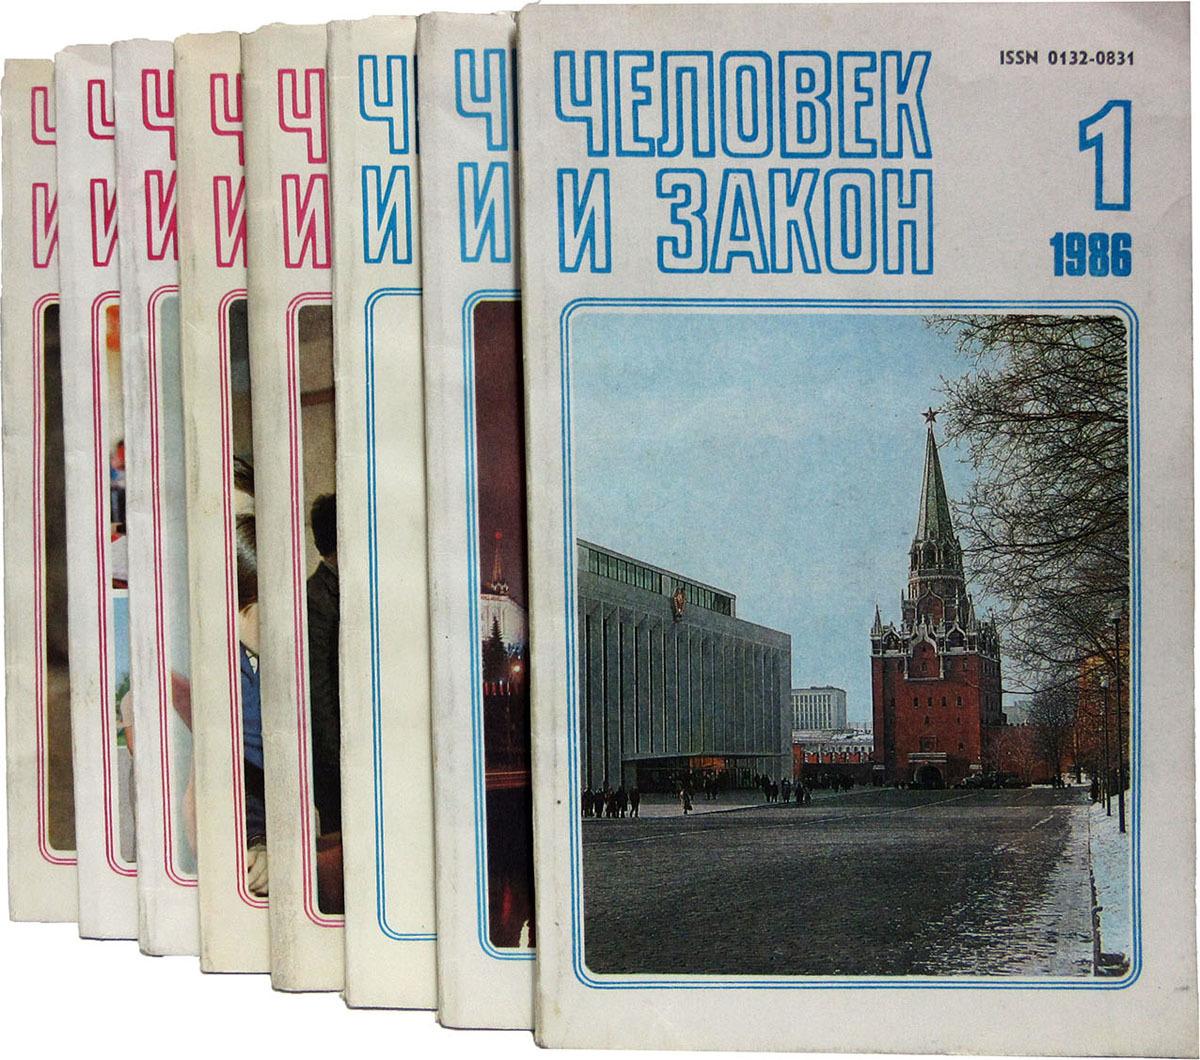 Журнал Человек и закон за 1986 год (комплект из 8 журналов) лев толстой закон насилия и закон любви